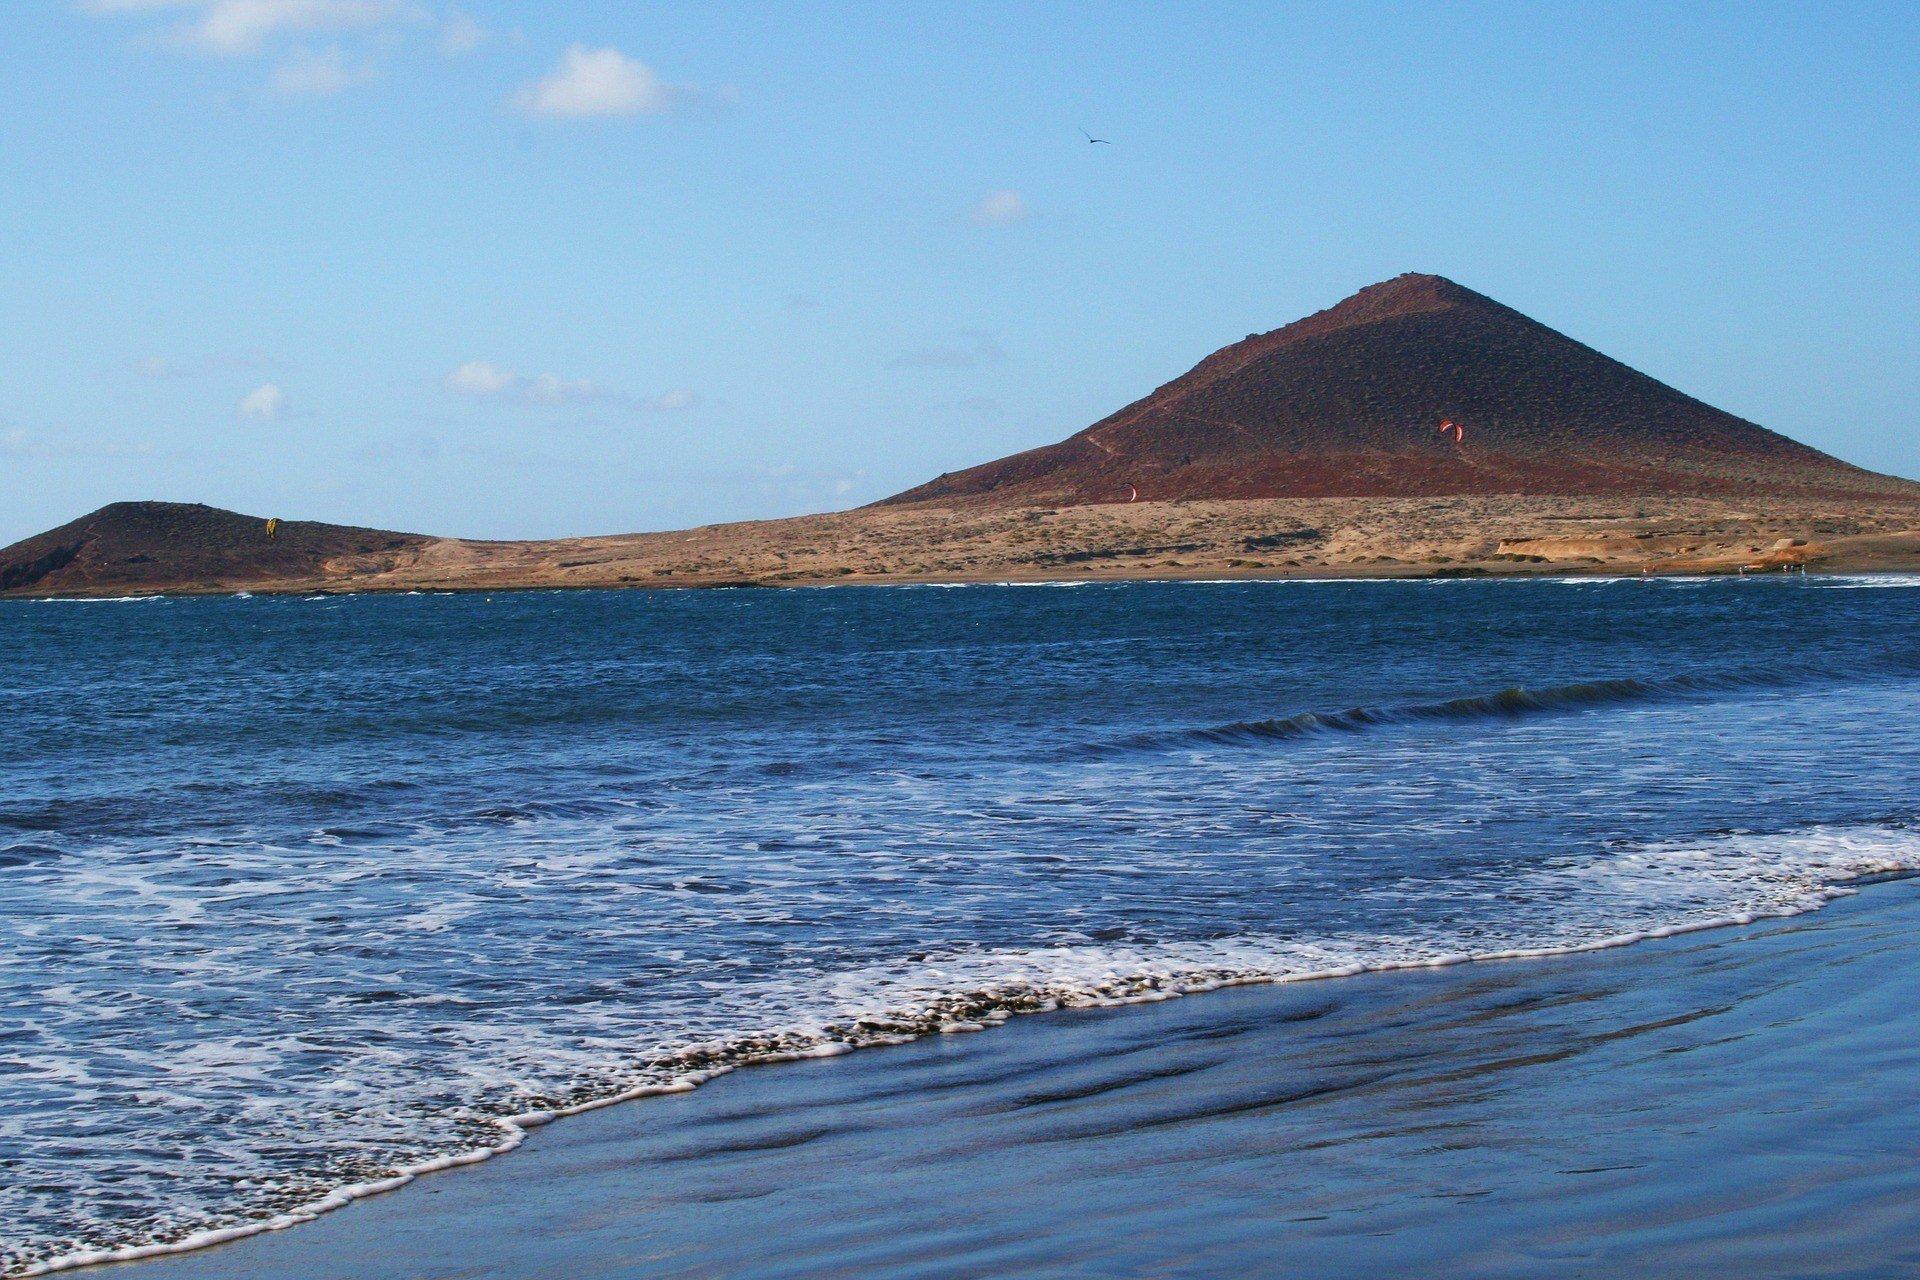 El Medano, Tenerife